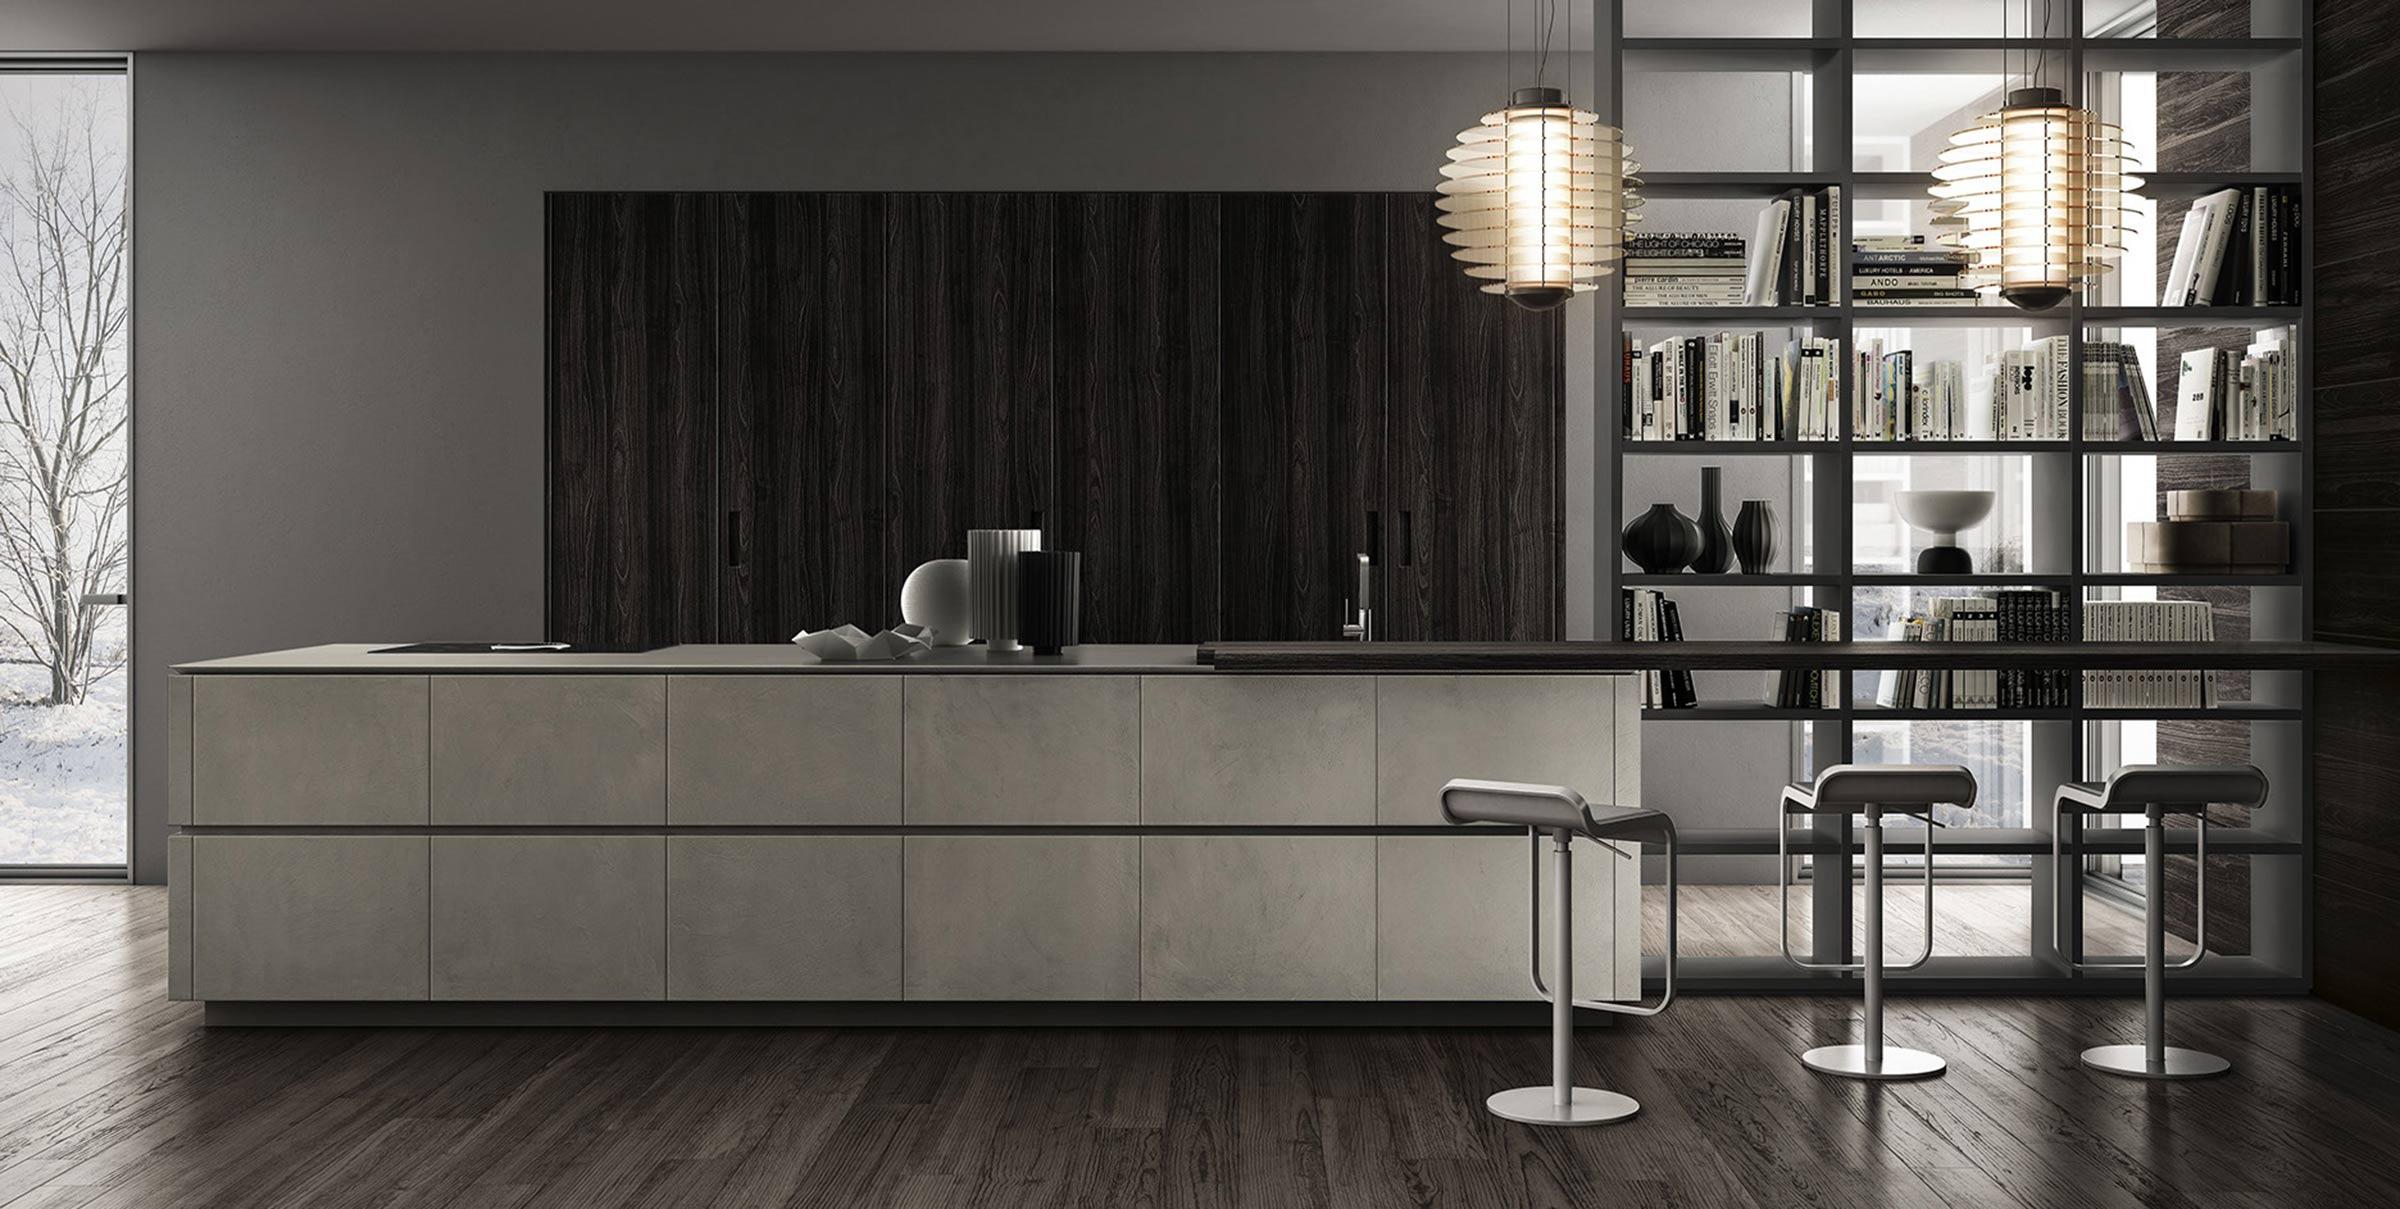 Cuisines design lyon les cuisines d arno for Cuisine design moderne